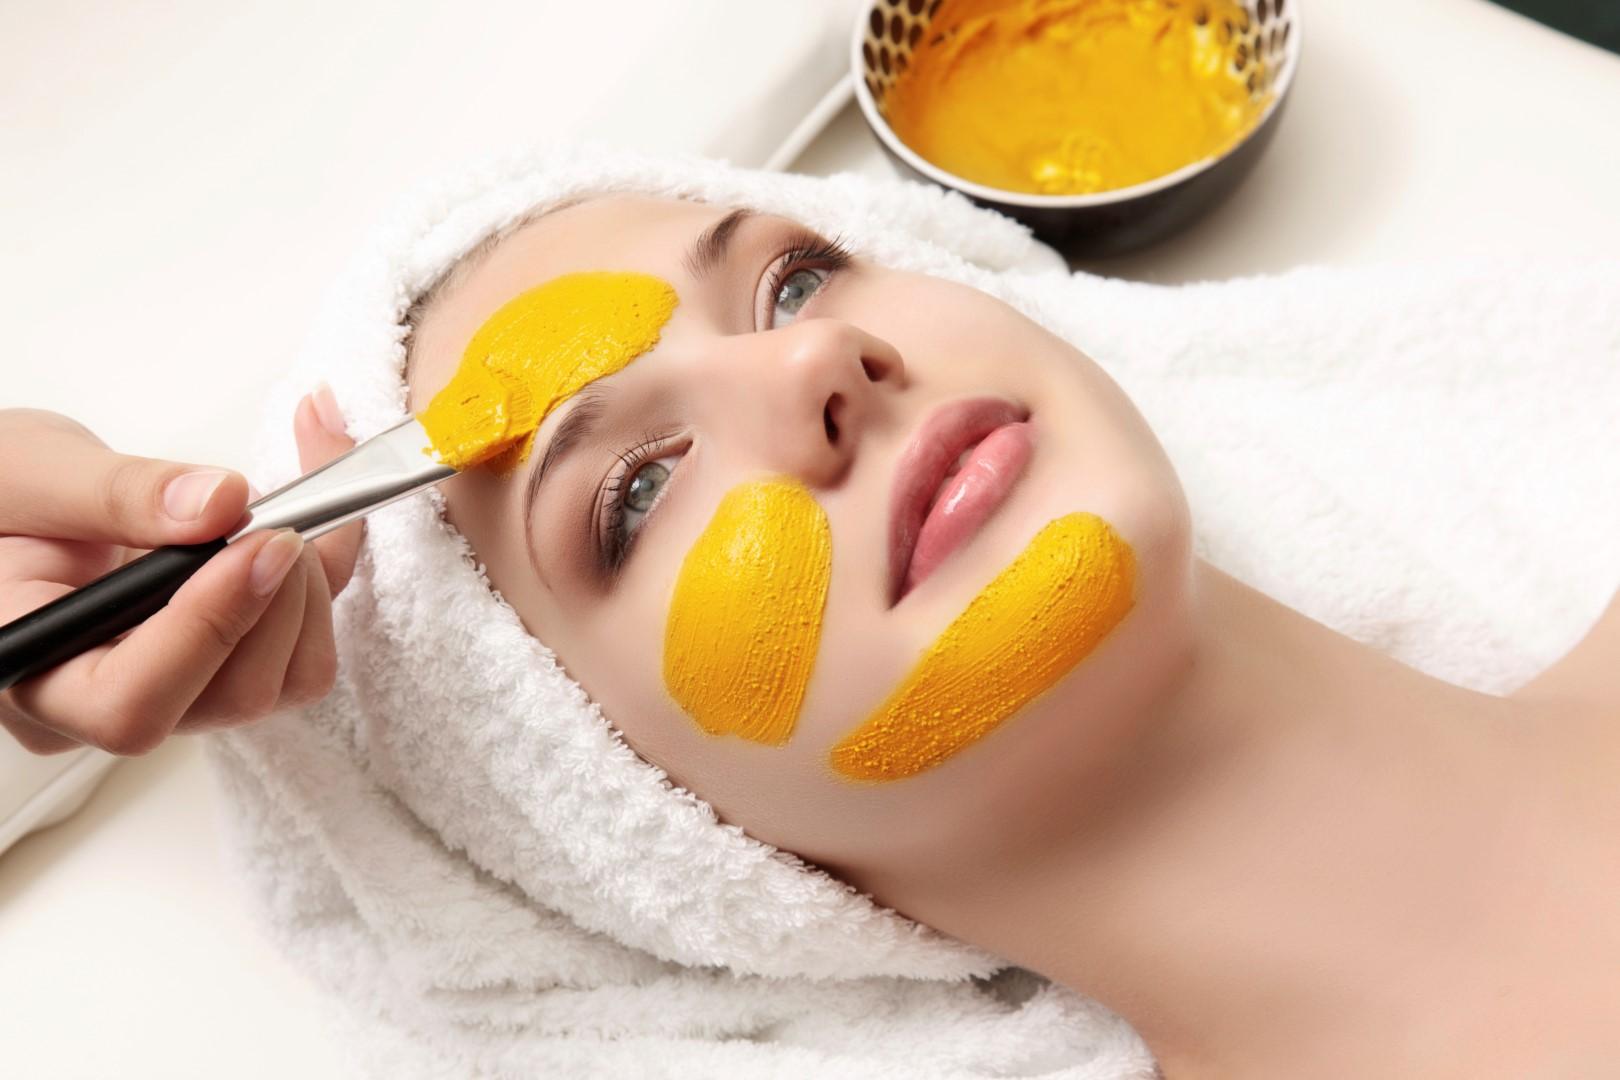 Sử dụng bột nghệ làm mặt nạ dưỡng da, trị mụn là một trong những cách nhanh chóng giúp bạn lấy lại sức sống cho da.